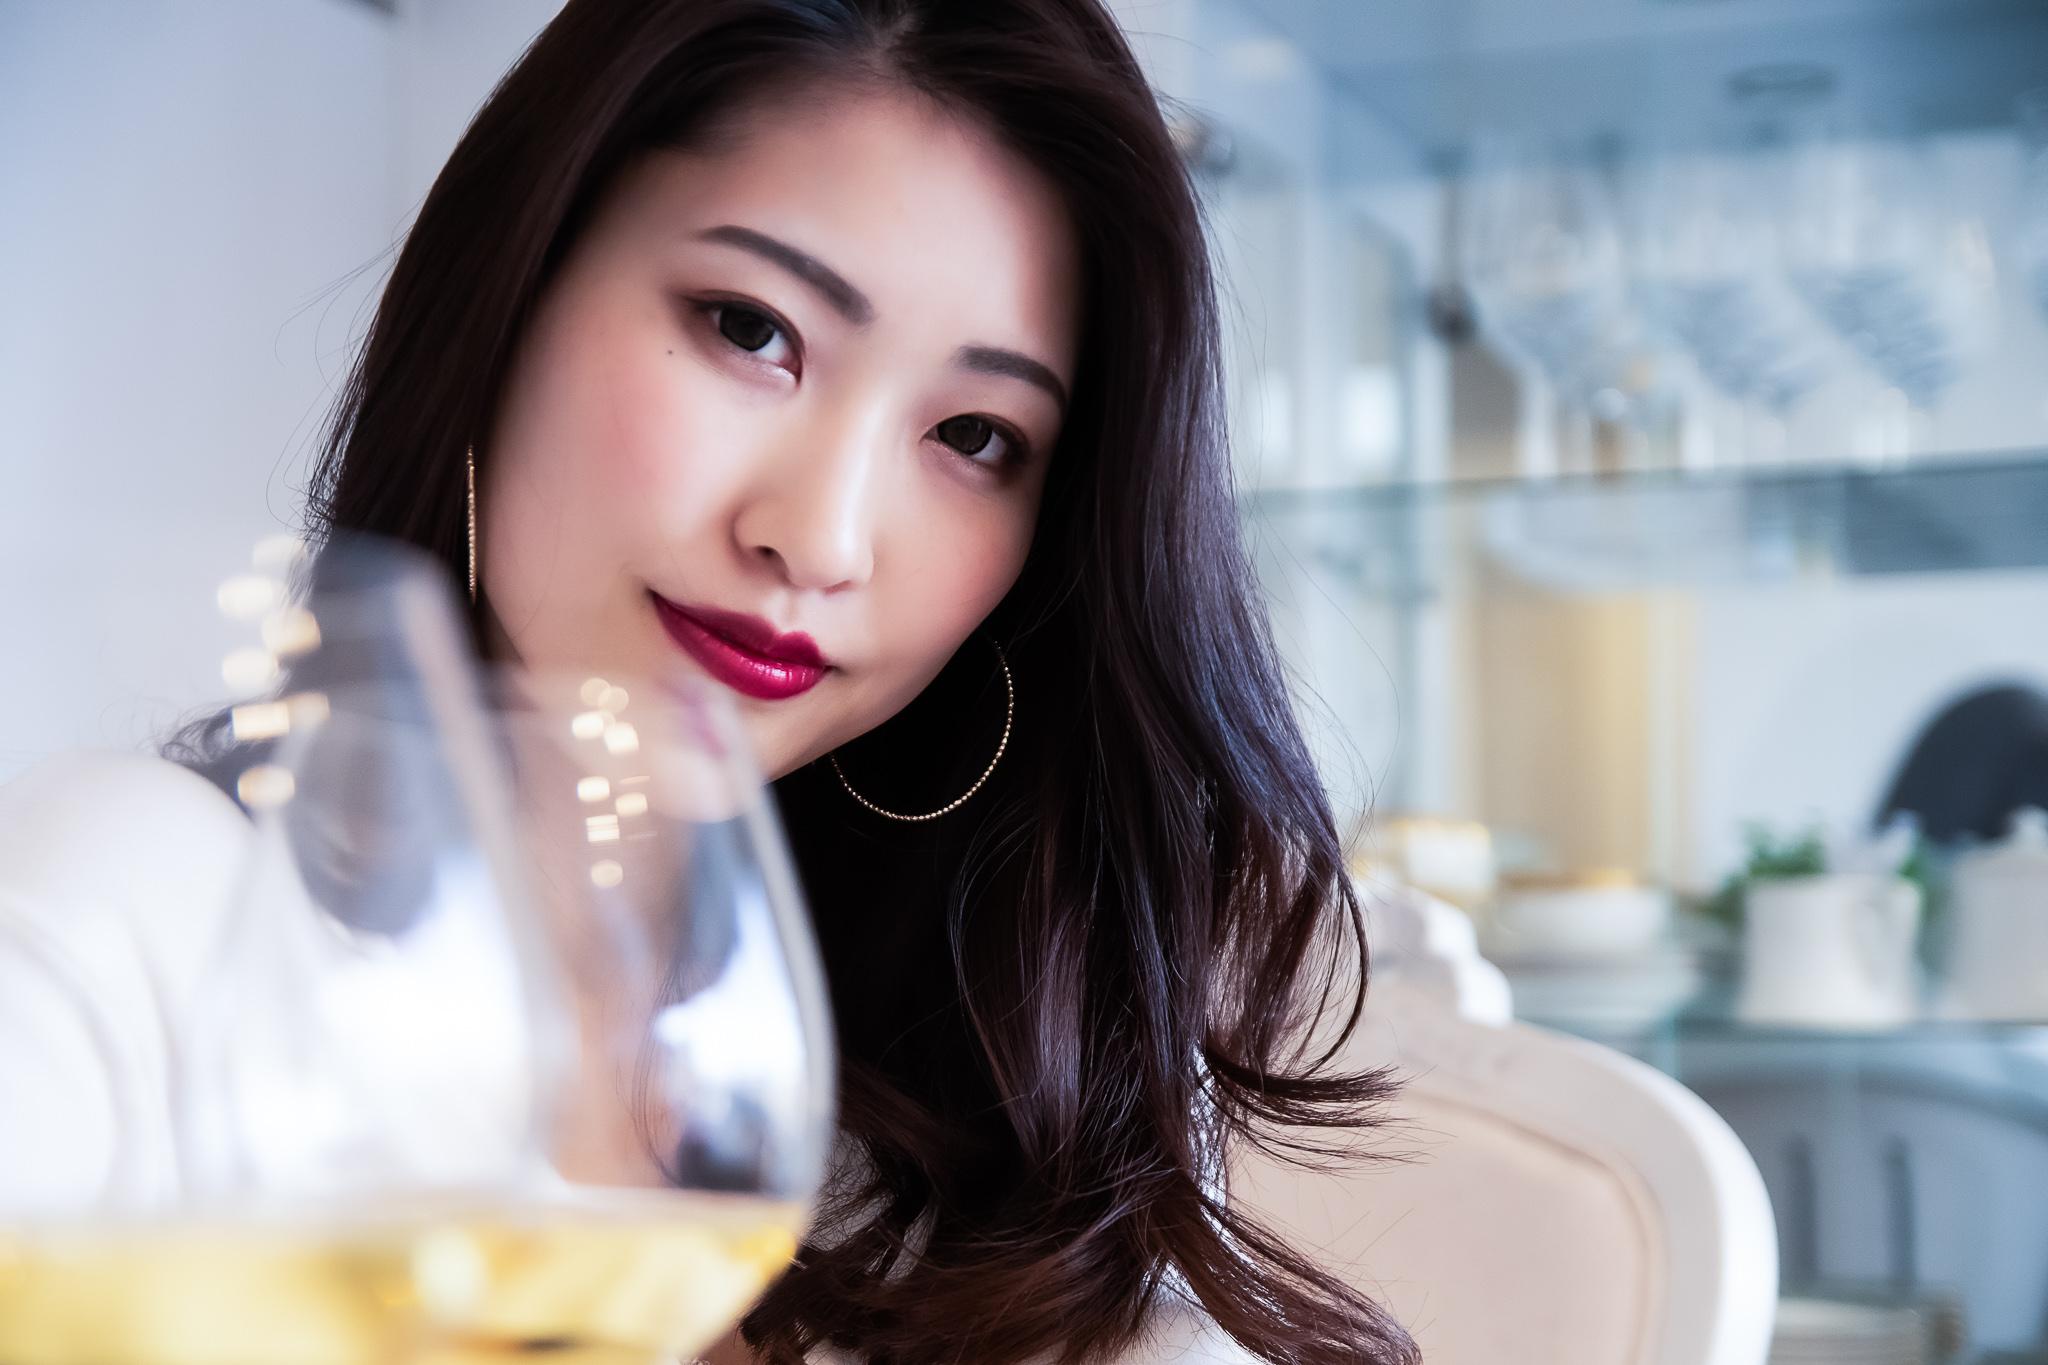 【雑学】お酒が弱い人必見!お酒を飲めるようになる方法!